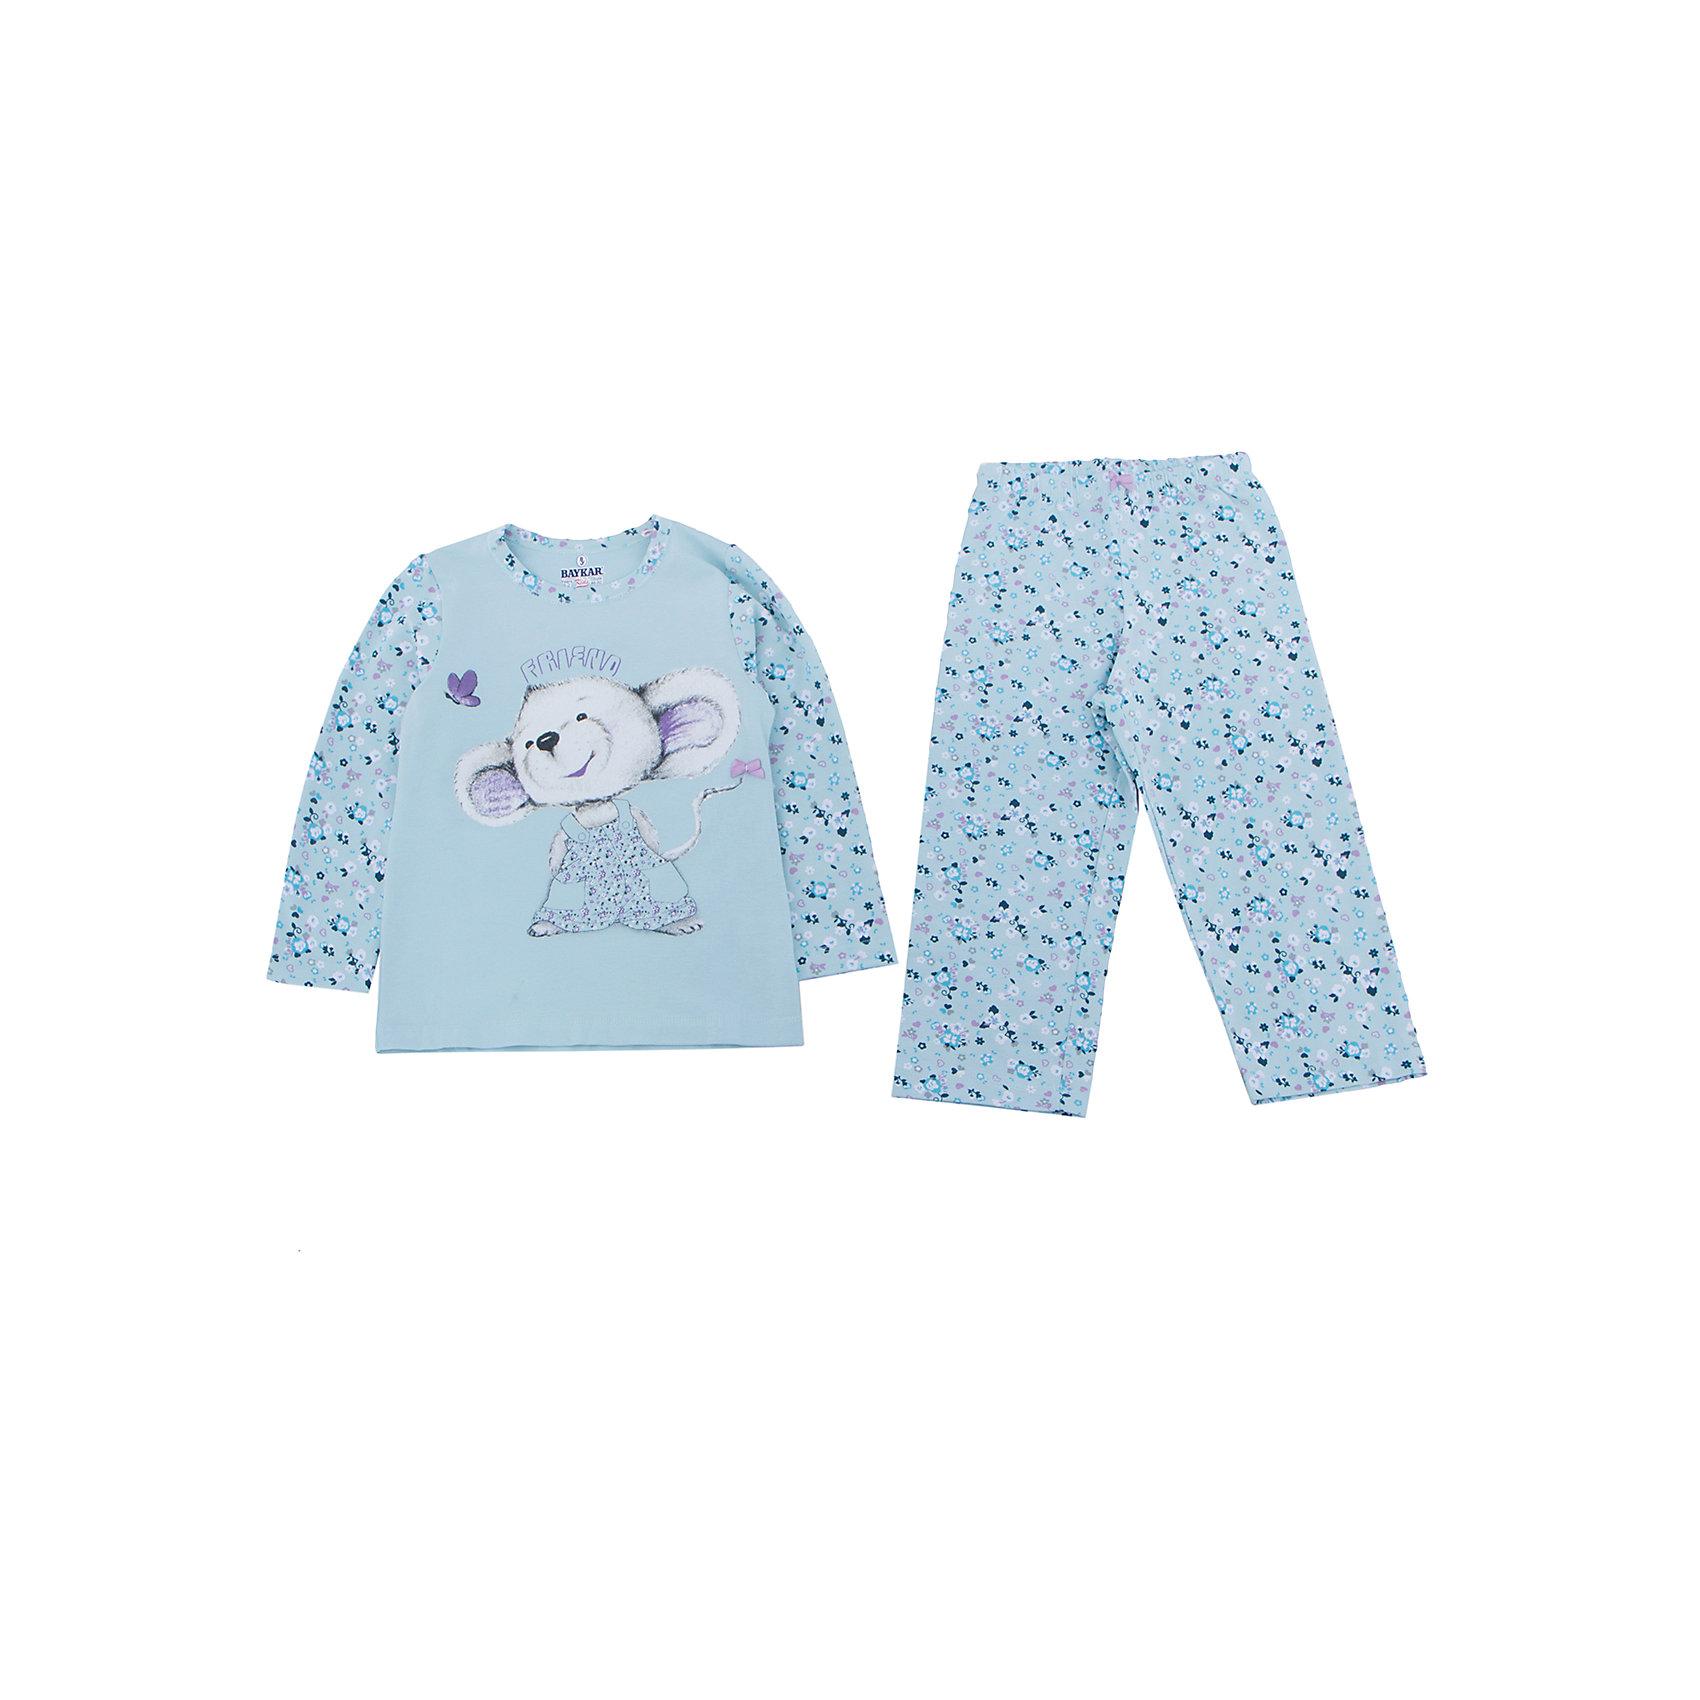 Пижама для девочки BaykarПижамы и сорочки<br>Характеристики товара:<br><br>• цвет: голубой<br>• состав ткани: 95% хлопок; 5% эластан<br>• комплектация: кофта, брюки<br>• пояс брюк: резинка<br>• сезон: круглый год<br>• страна бренда: Турция<br>• страна изготовитель: Турция<br><br>Пижама для девочки Baykar украшена симпатичным принтом. Этот комплект для сна из кофты и брюк сделан из мягкого дышащего материала. <br><br>Продуманный крой обеспечивает комфортную посадку. Голубая пижама для девочки позволяет обеспечить комфортный сон.<br><br>Пижаму для девочки Baykar (Байкар) можно купить в нашем интернет-магазине.<br><br>Ширина мм: 281<br>Глубина мм: 70<br>Высота мм: 188<br>Вес г: 295<br>Цвет: голубой<br>Возраст от месяцев: 24<br>Возраст до месяцев: 36<br>Пол: Женский<br>Возраст: Детский<br>Размер: 92/98,80/92<br>SKU: 6764931